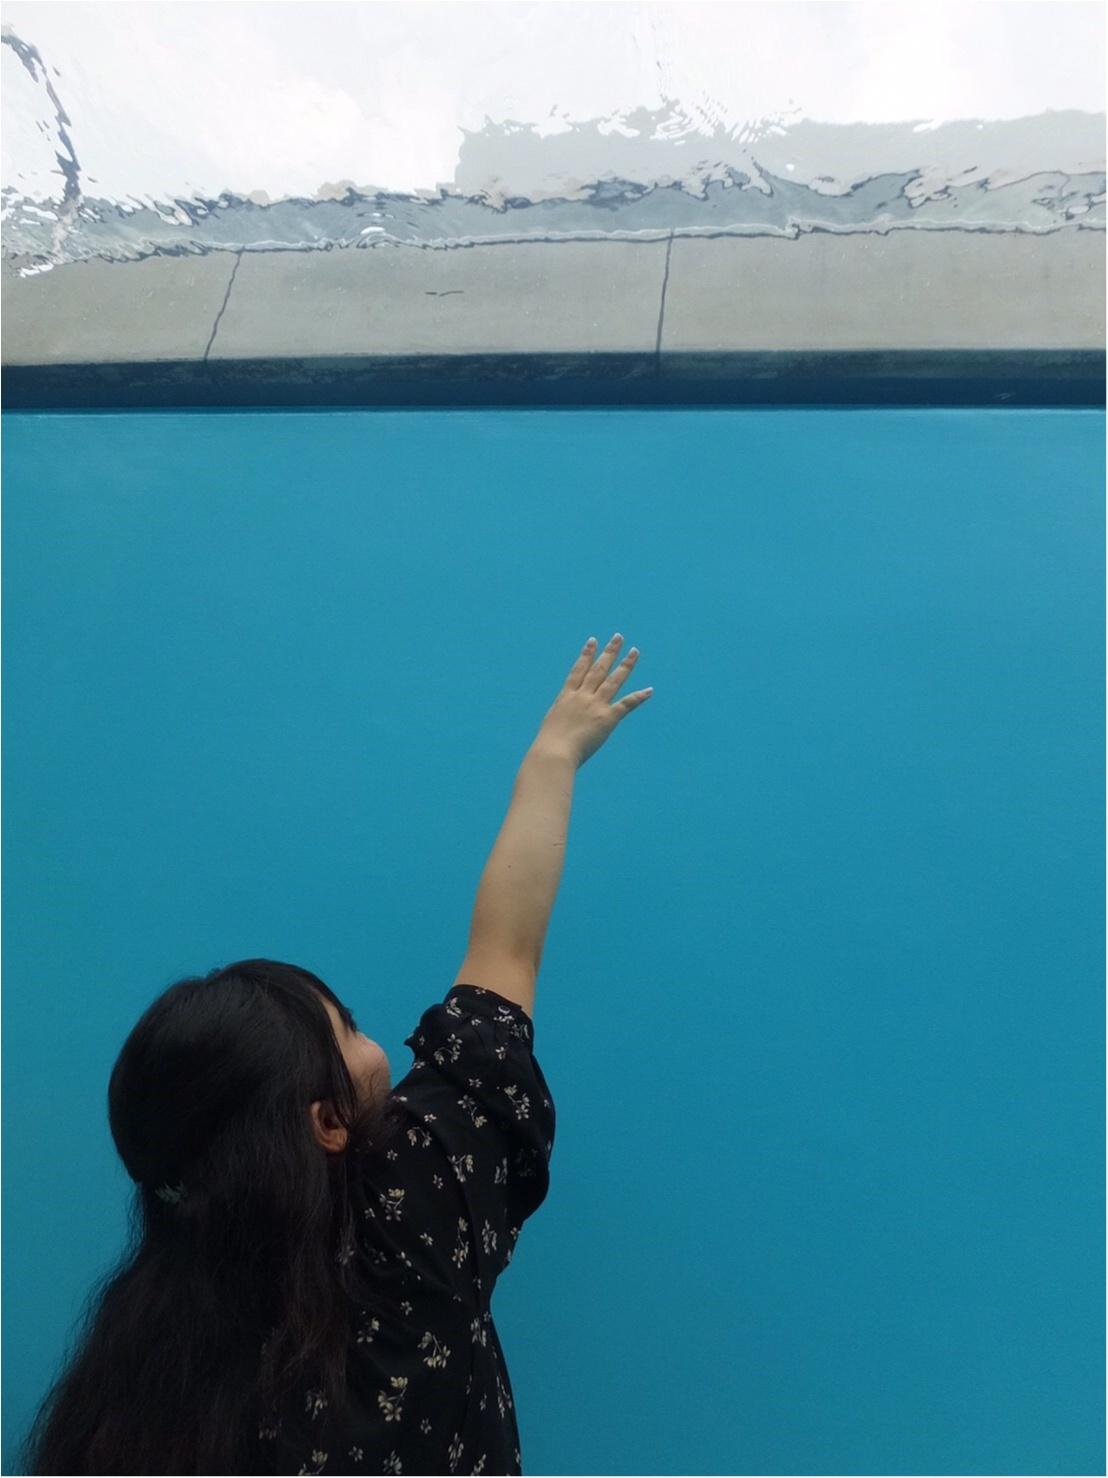 金沢女子旅特集 - 日帰り・週末旅行に! 金沢21世紀美術館など観光地やグルメまとめ_6